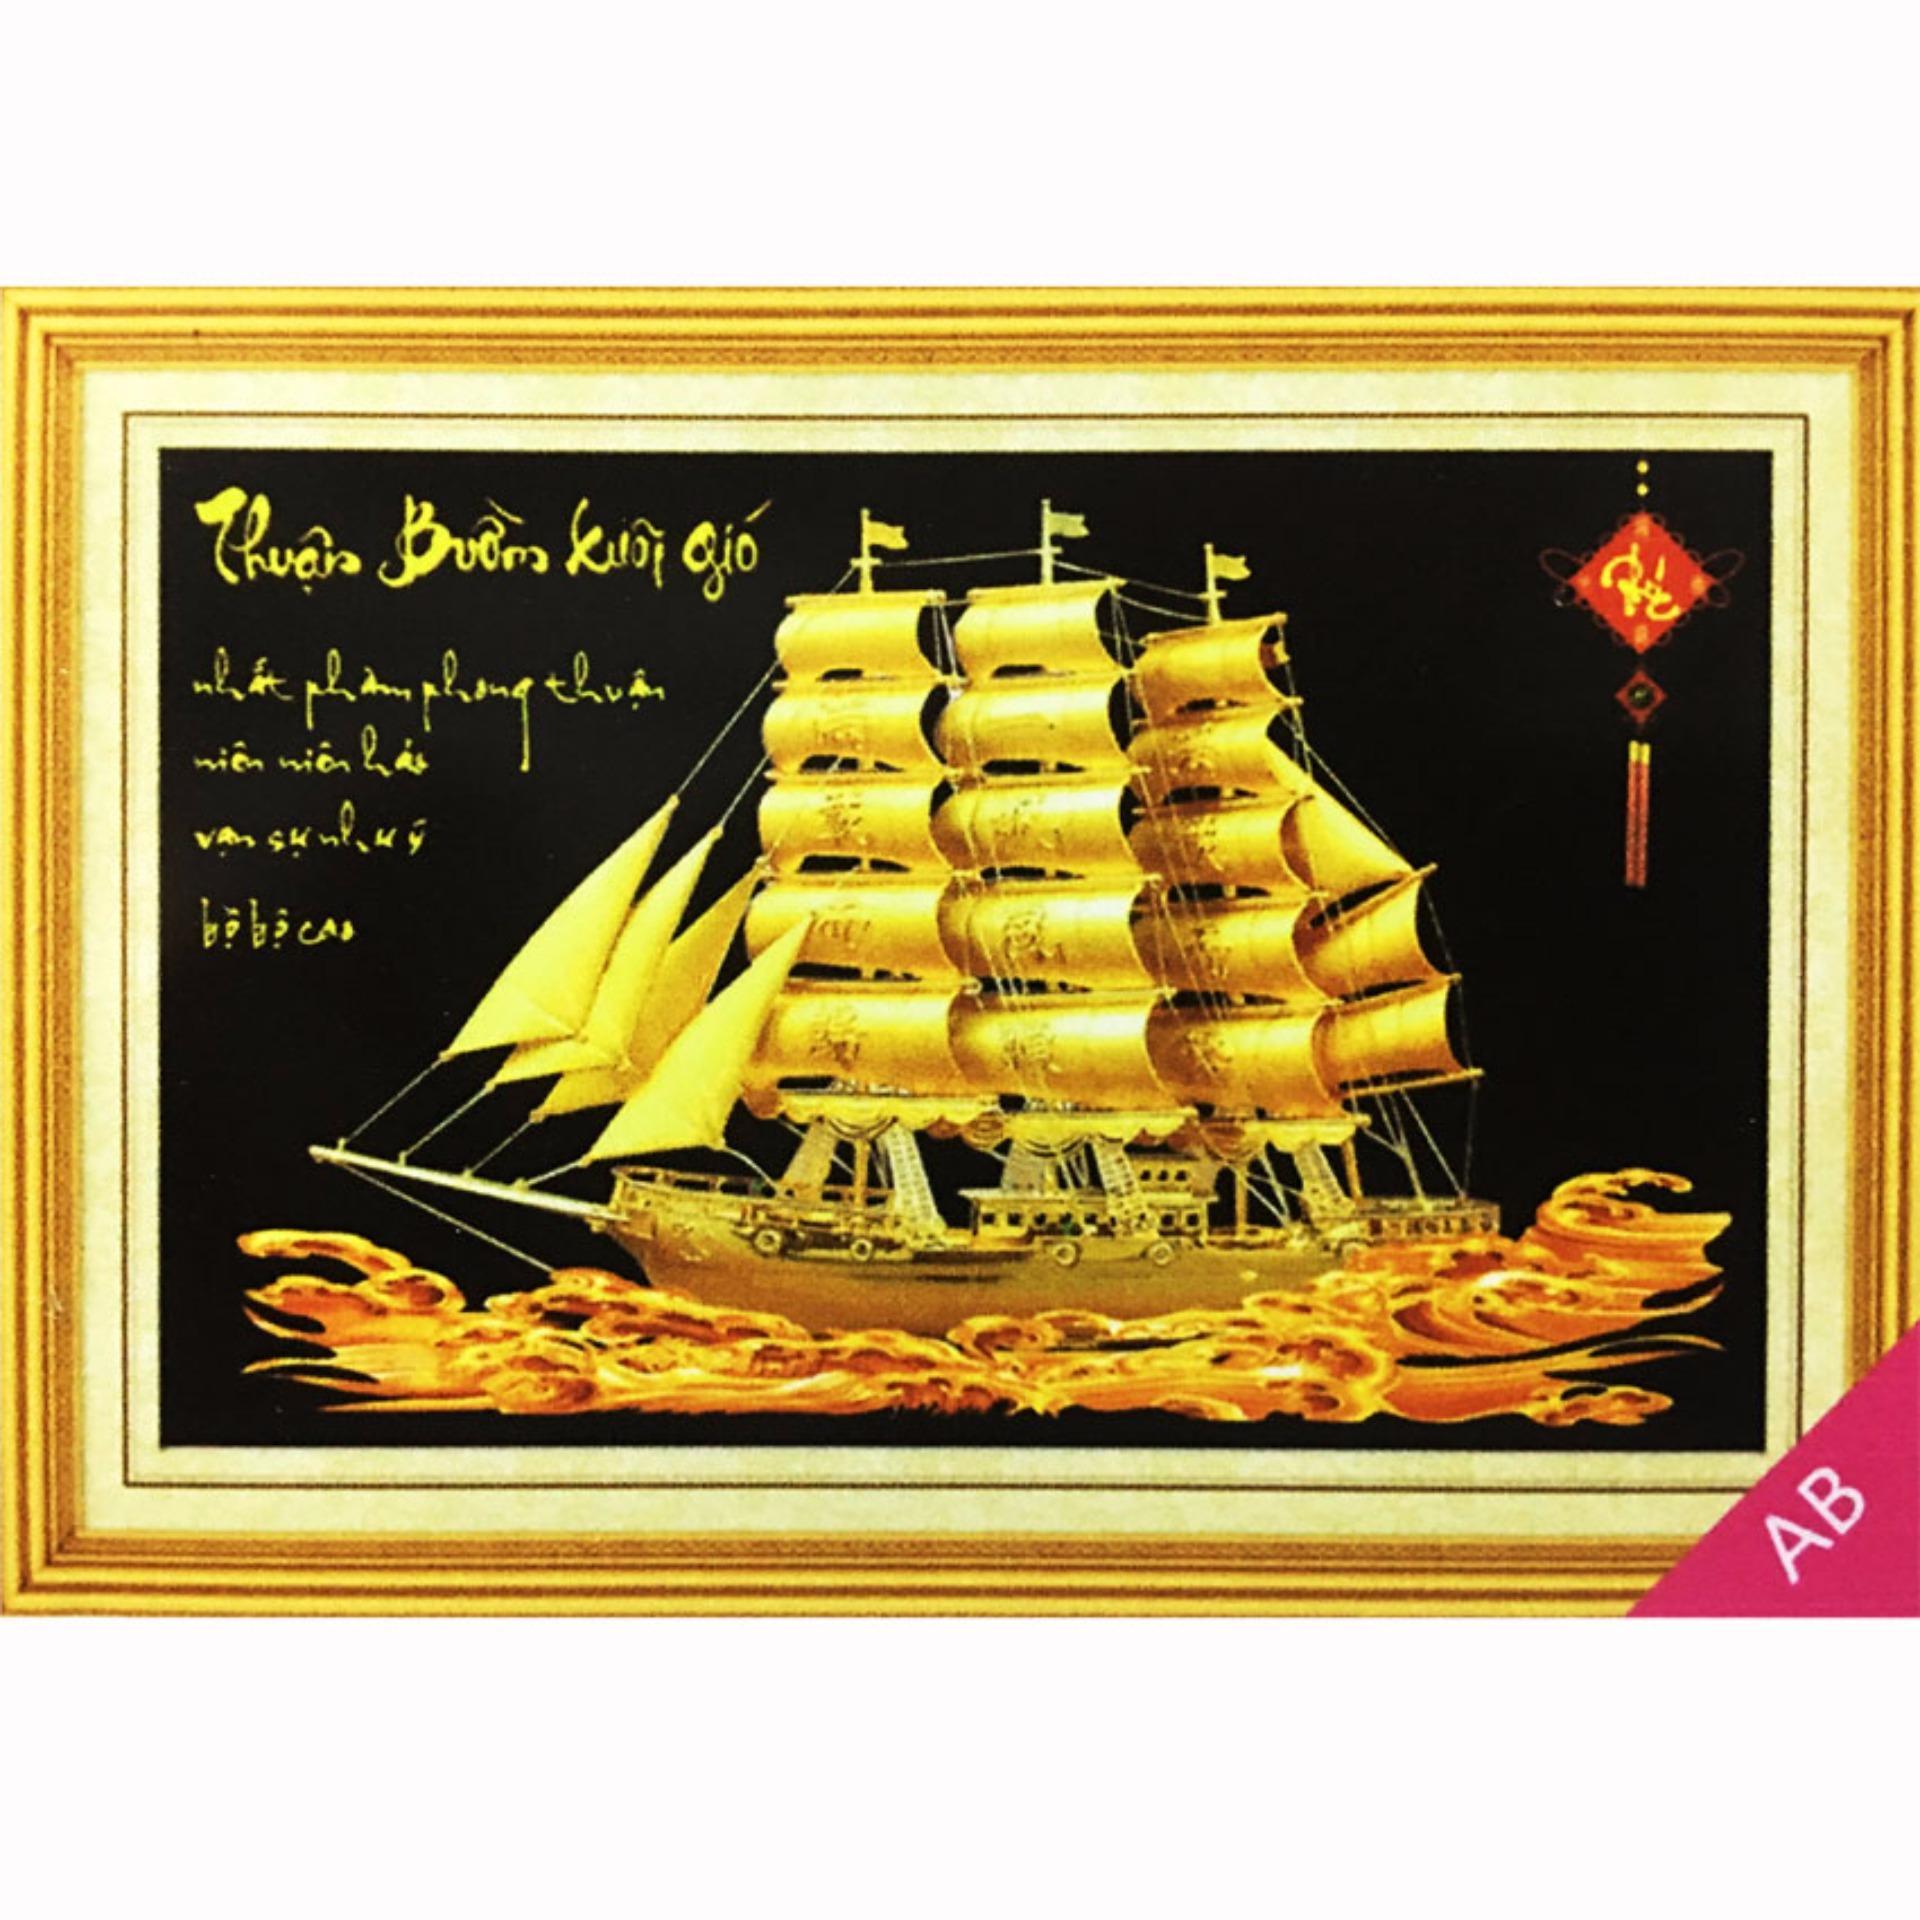 Tranh đính đá 5D – Thuận Buồm Xuôi Gió 04 -Tranh Minh Hiền